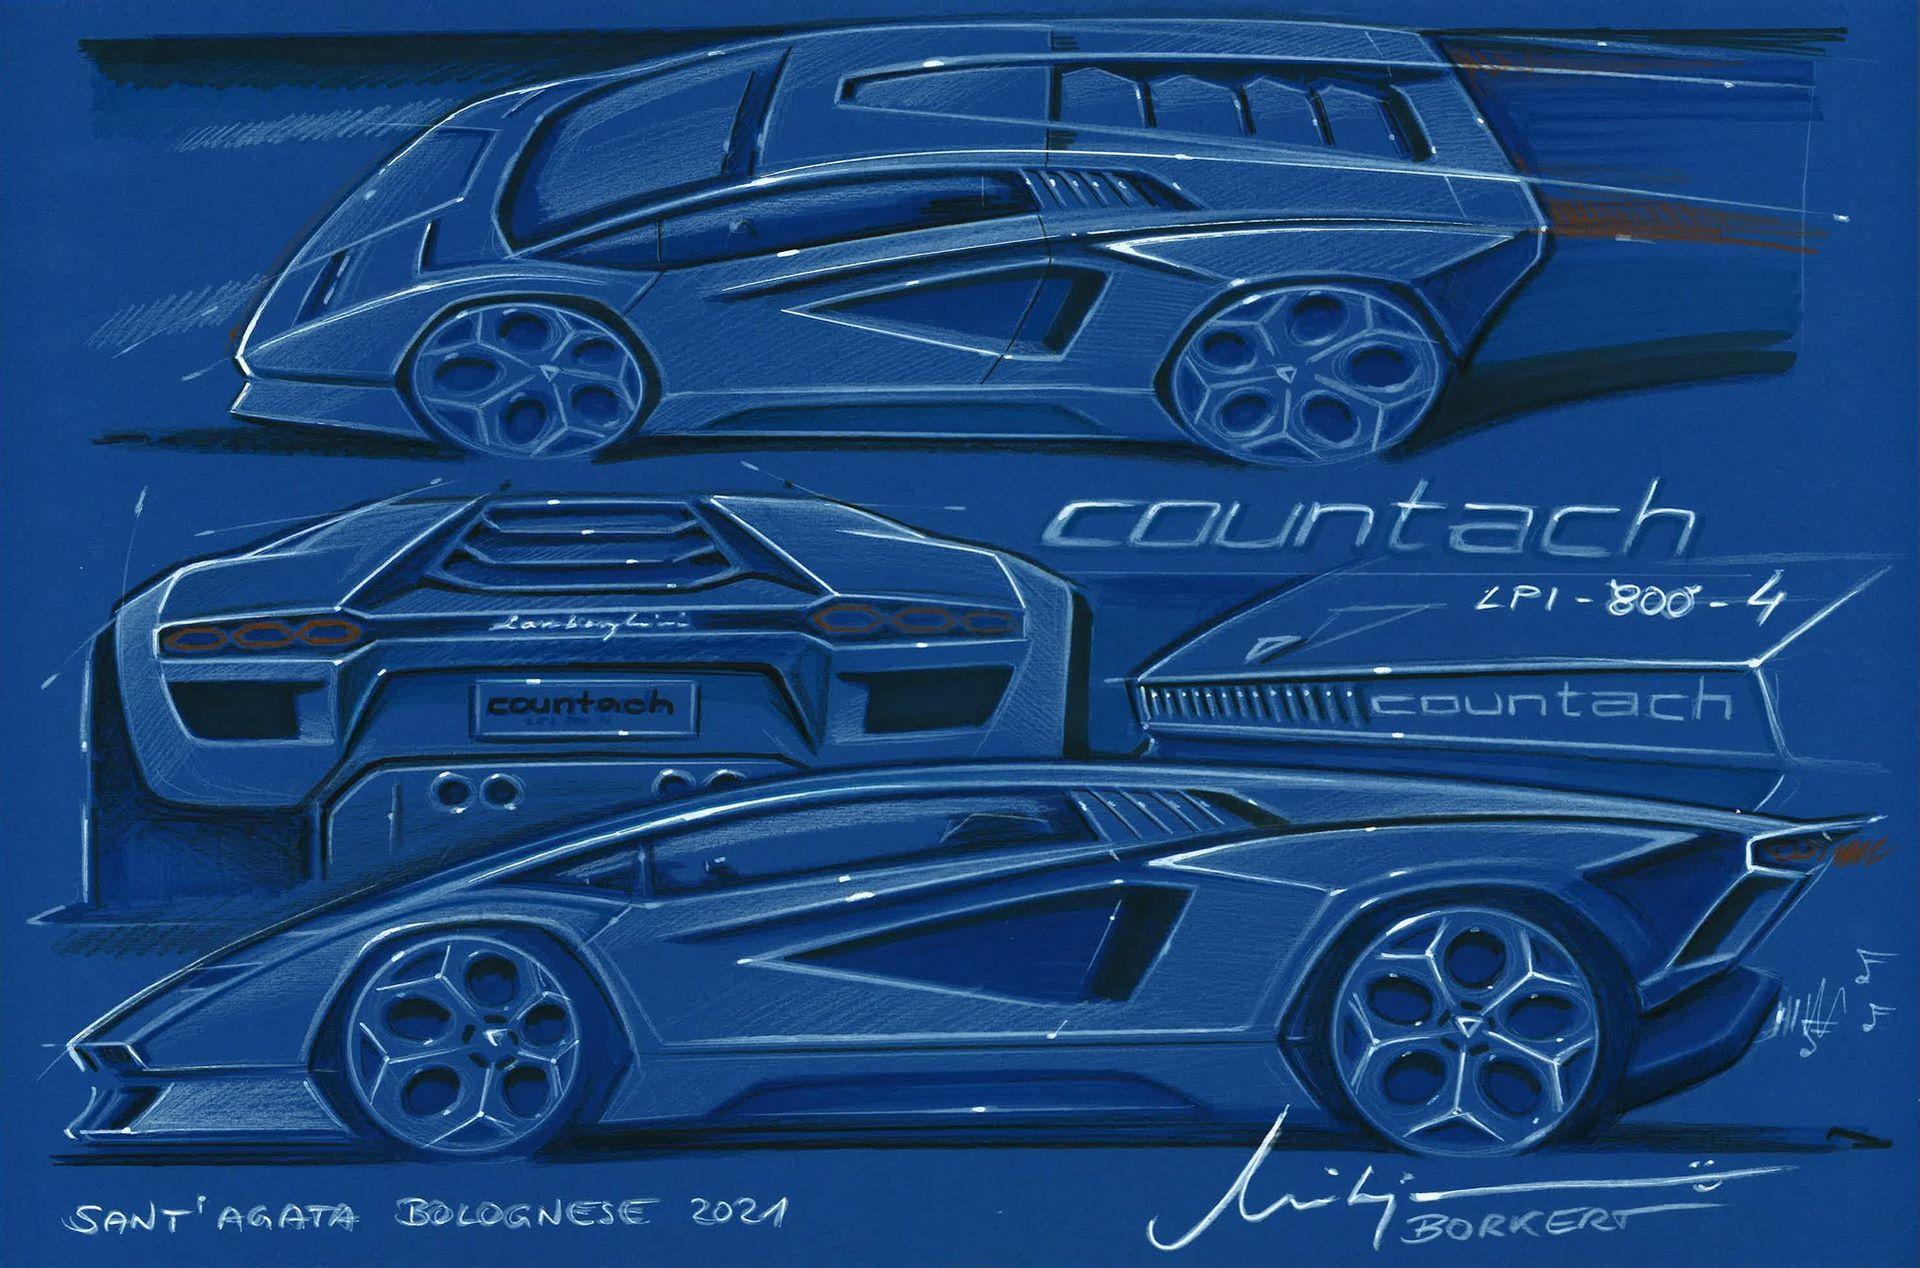 Lamborghini-Countach-LPI-800-4-103